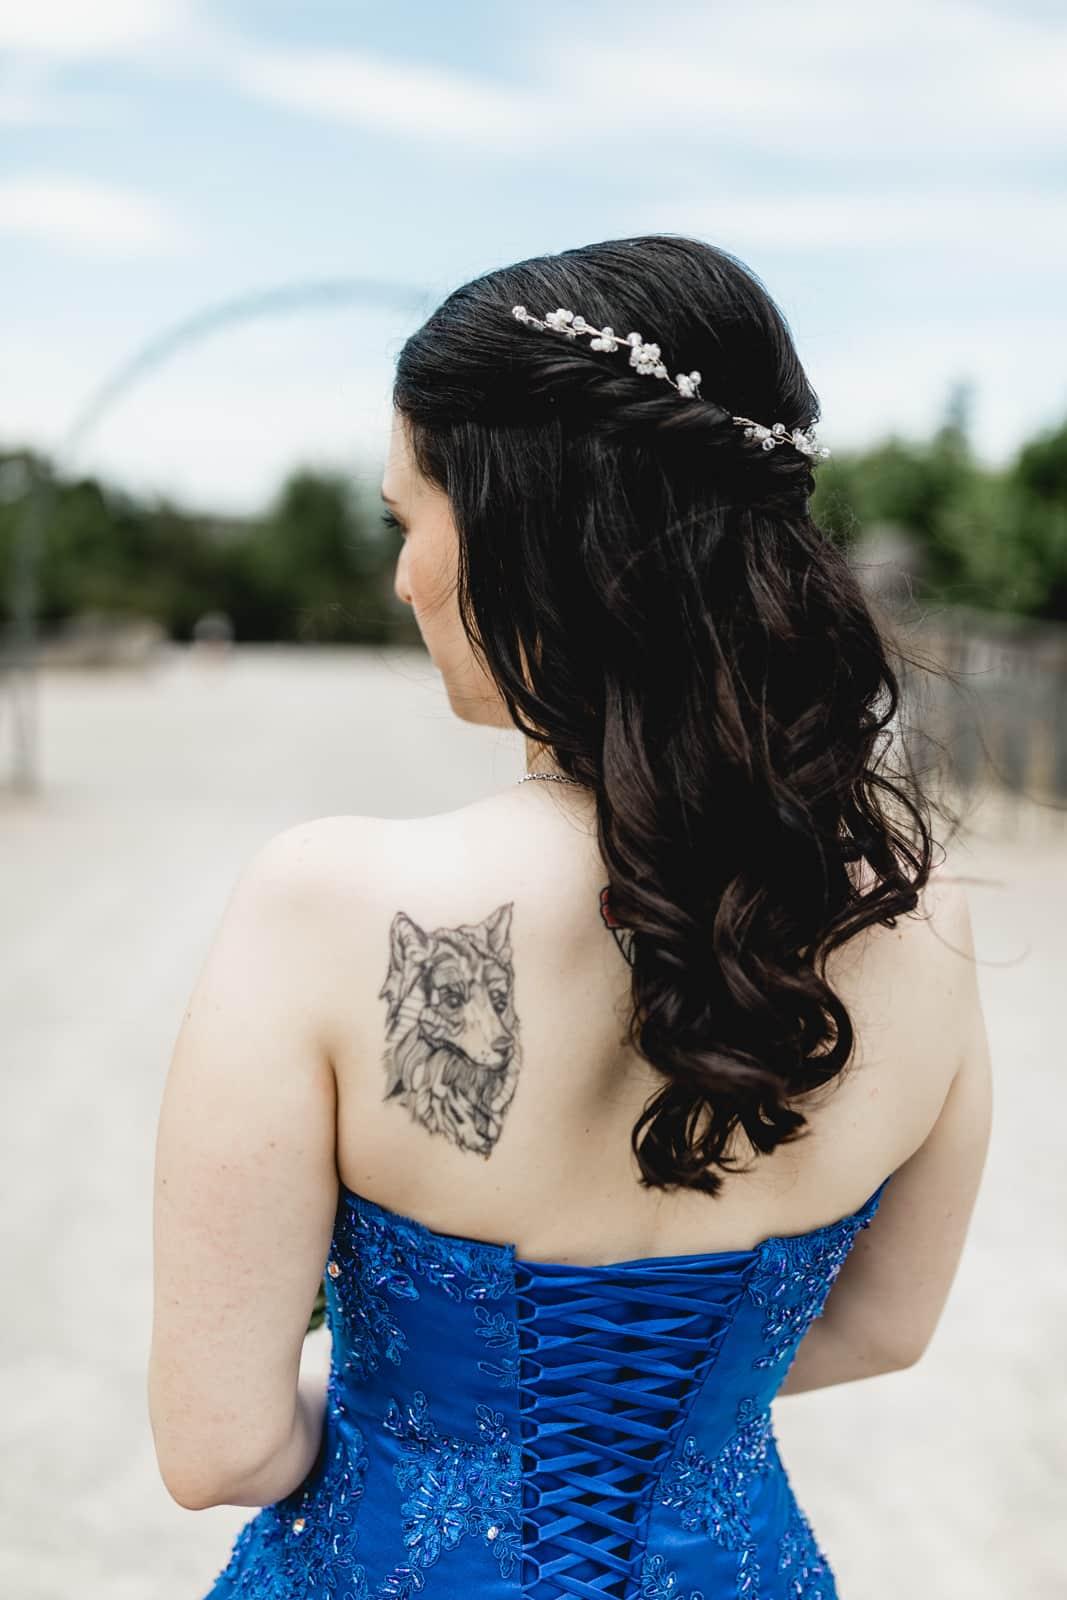 Braut im blauen Brautkleid von hinten mit Wolftattoo auf der Schulter auf der Mathildenhöhe in Darmstadt